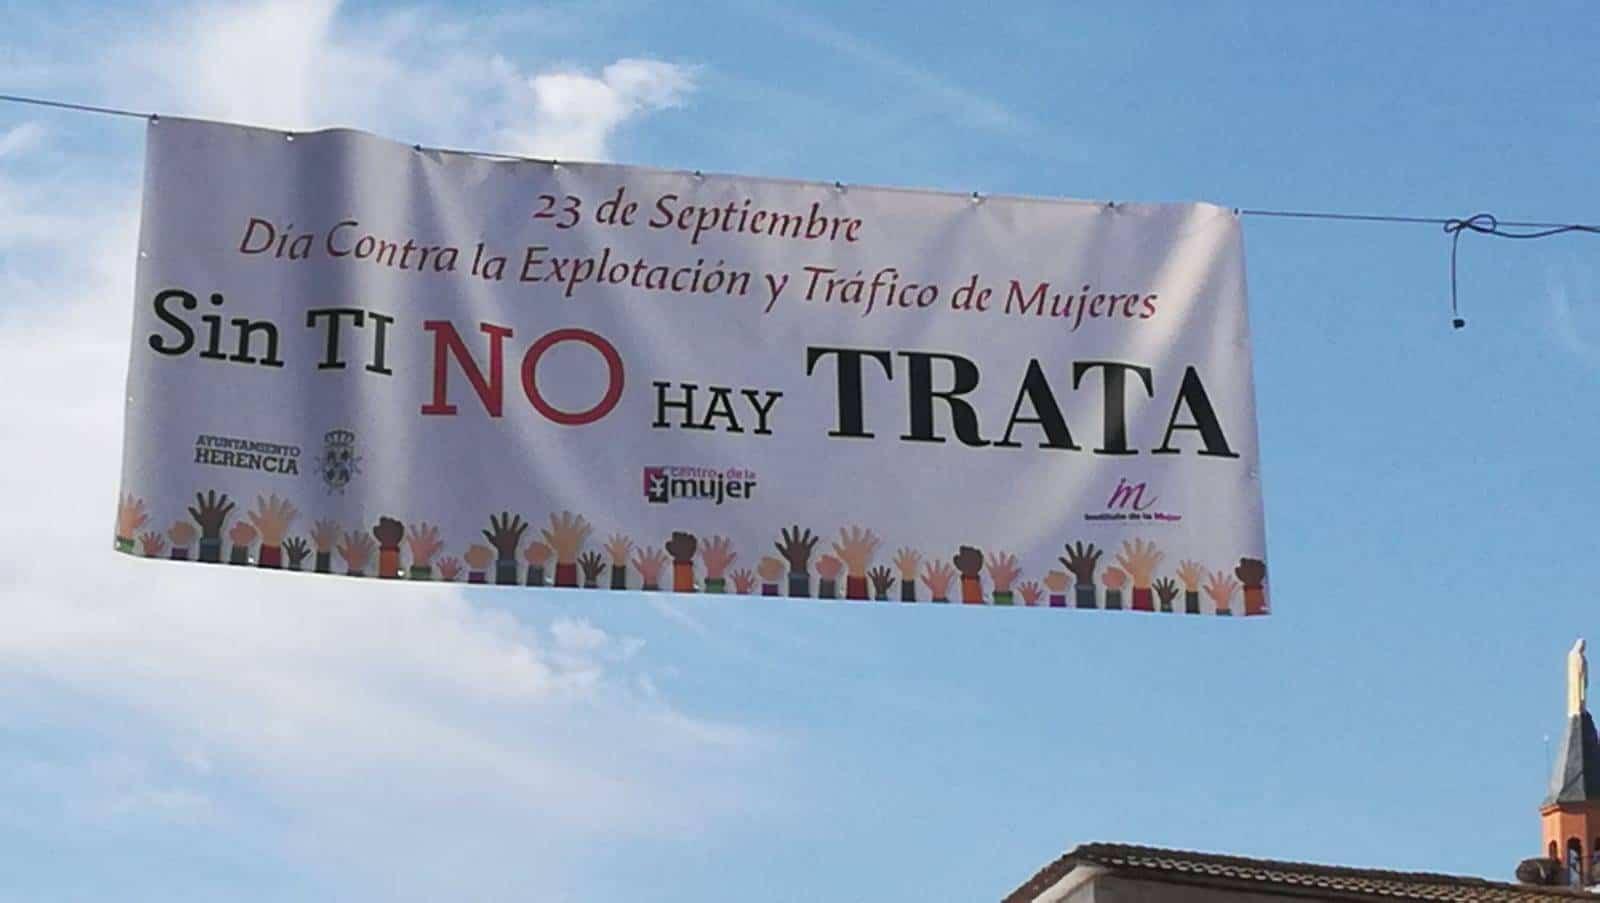 23 de septiembre: Día Contra la Explotación y Tráfico de Mujeres 2